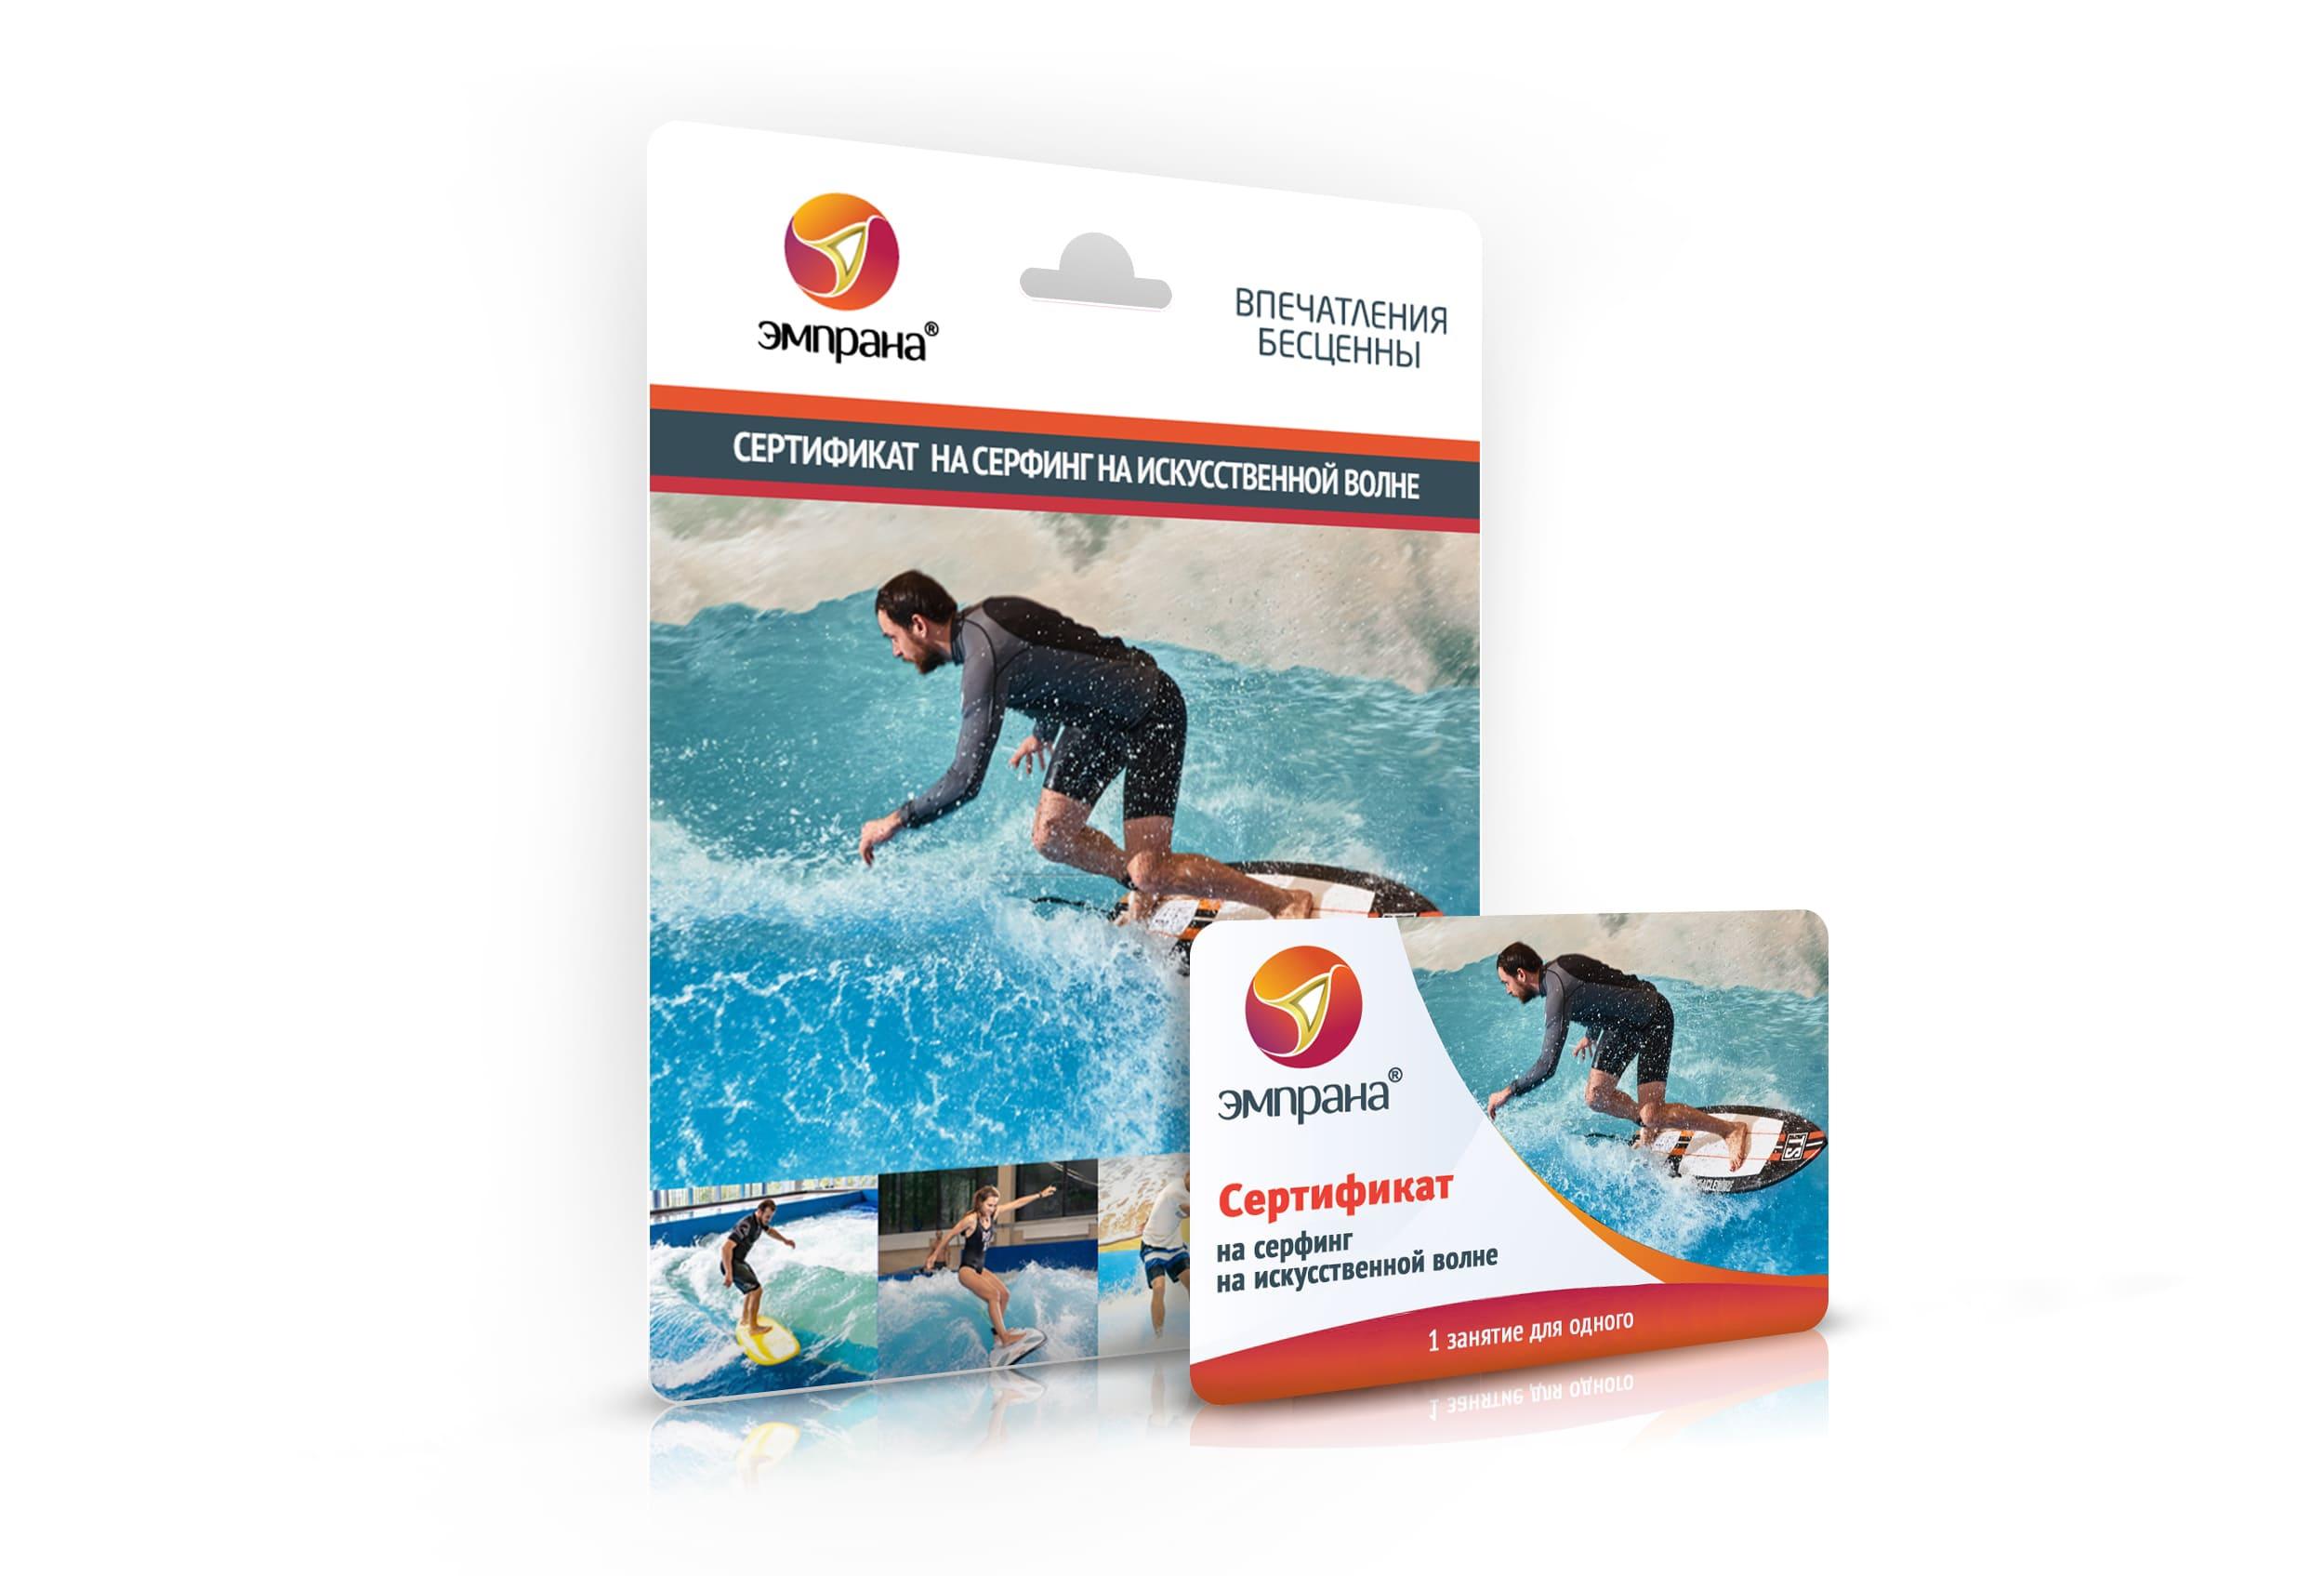 Сертификат на серфинг на искусственной волне